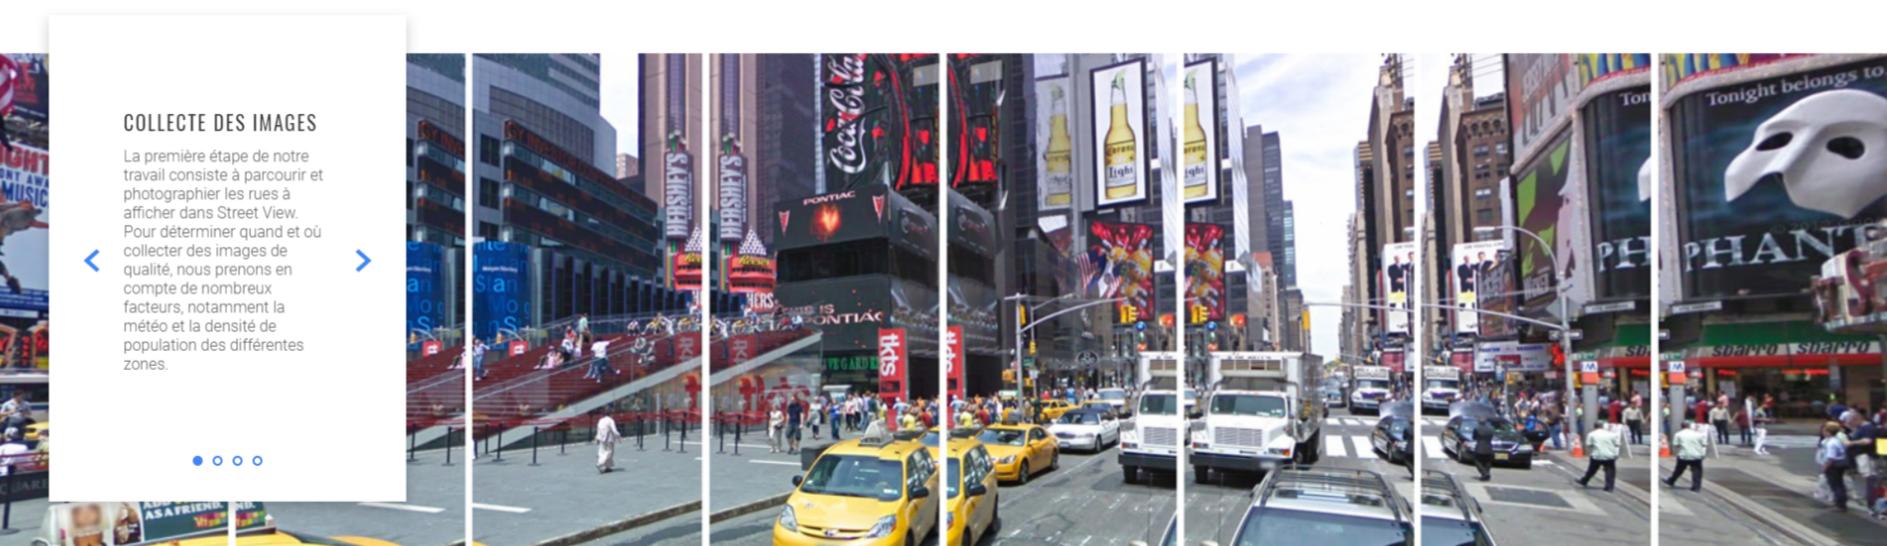 processus de collecte des images Google Street View